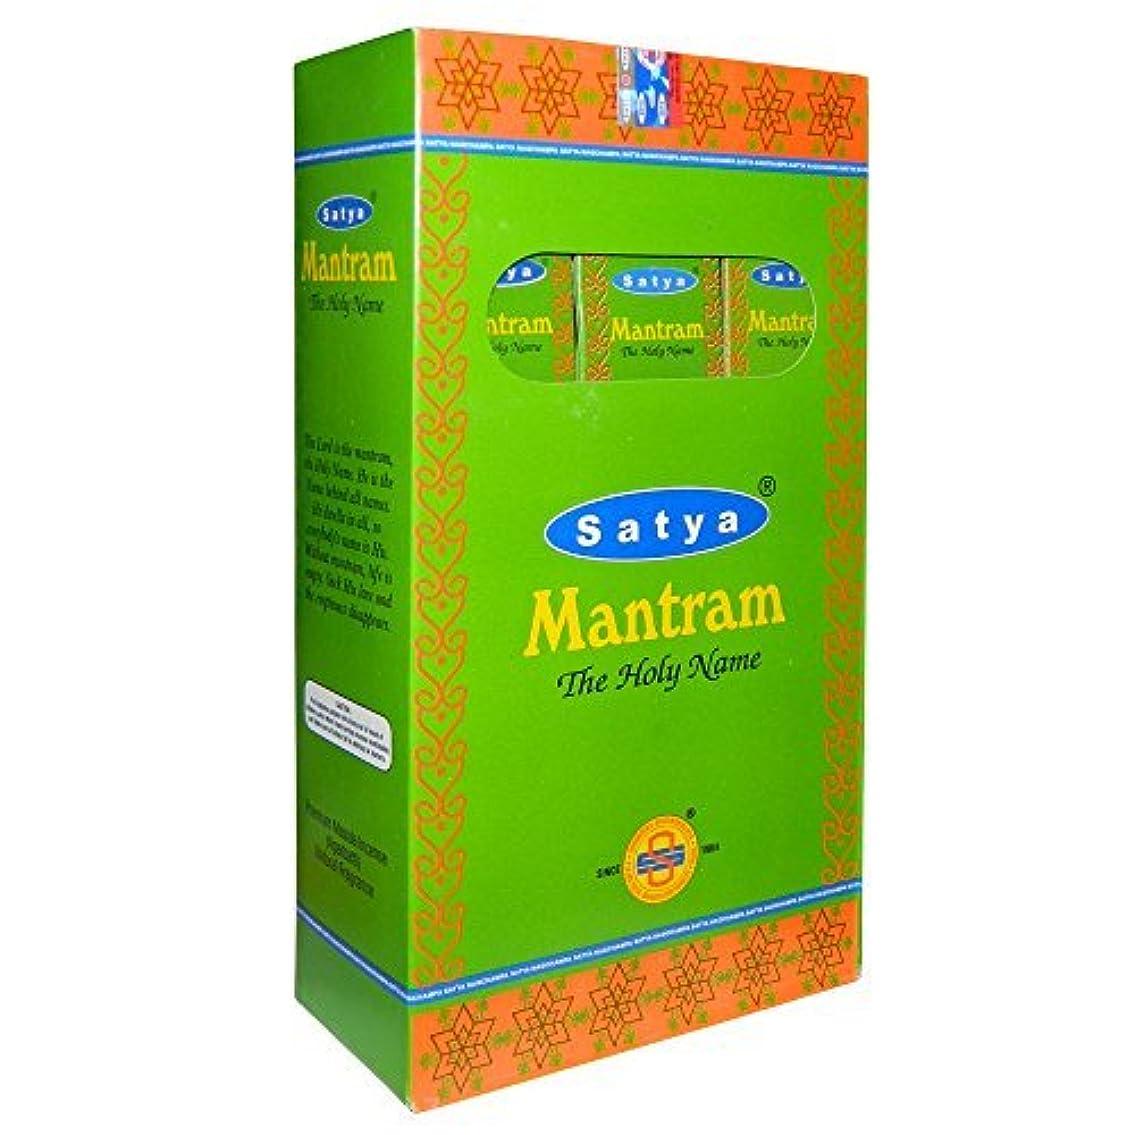 平衡適合しました自分を引き上げるSatya Shrinivas Sugandhalaya お香スティック 180g サティヤ?マントラム 家庭用フレグランス